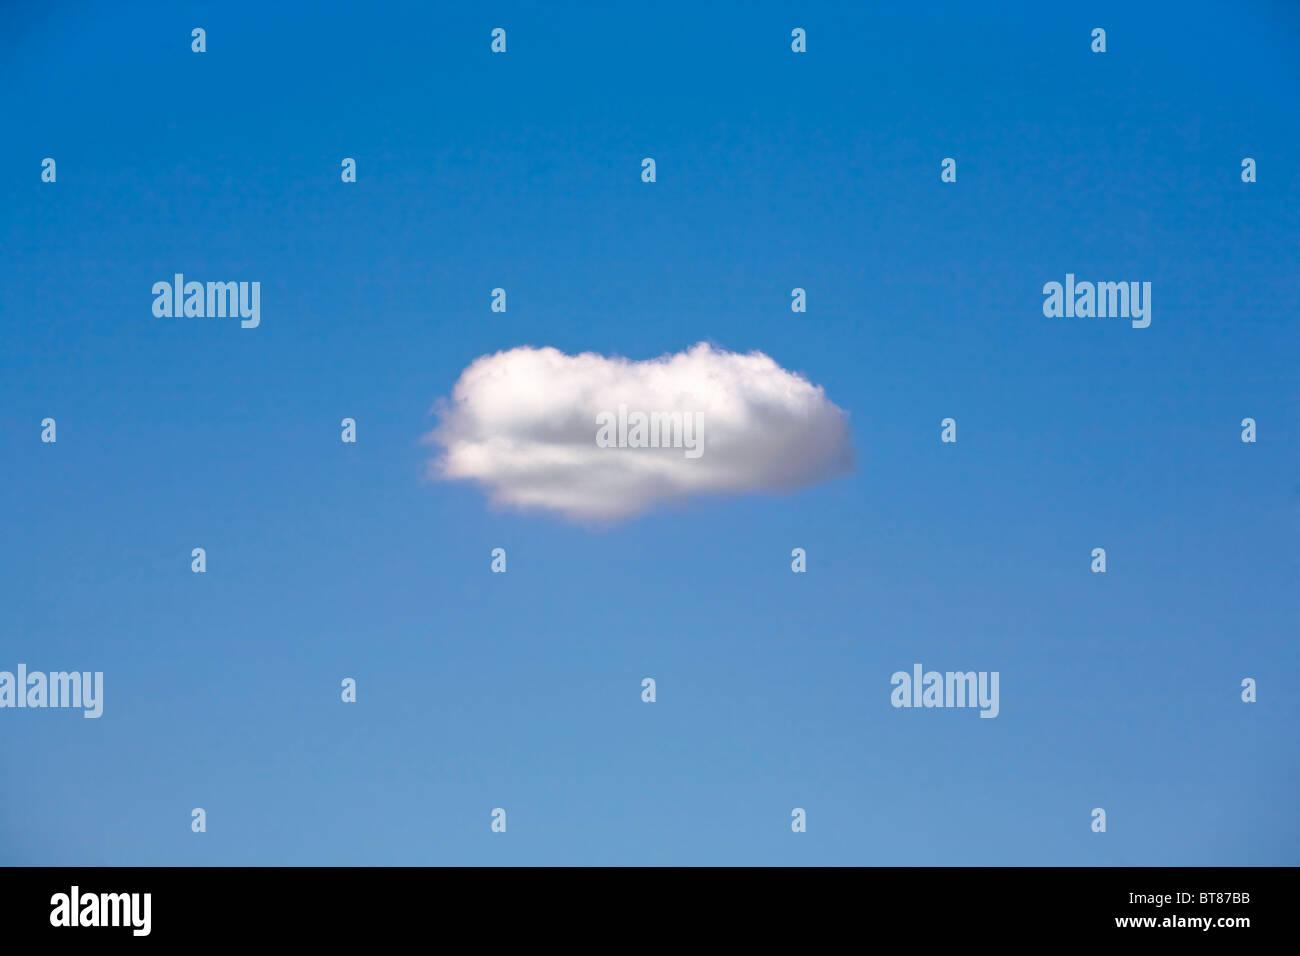 Eine einzige Wolke am blauen Himmel schweben. Stockbild